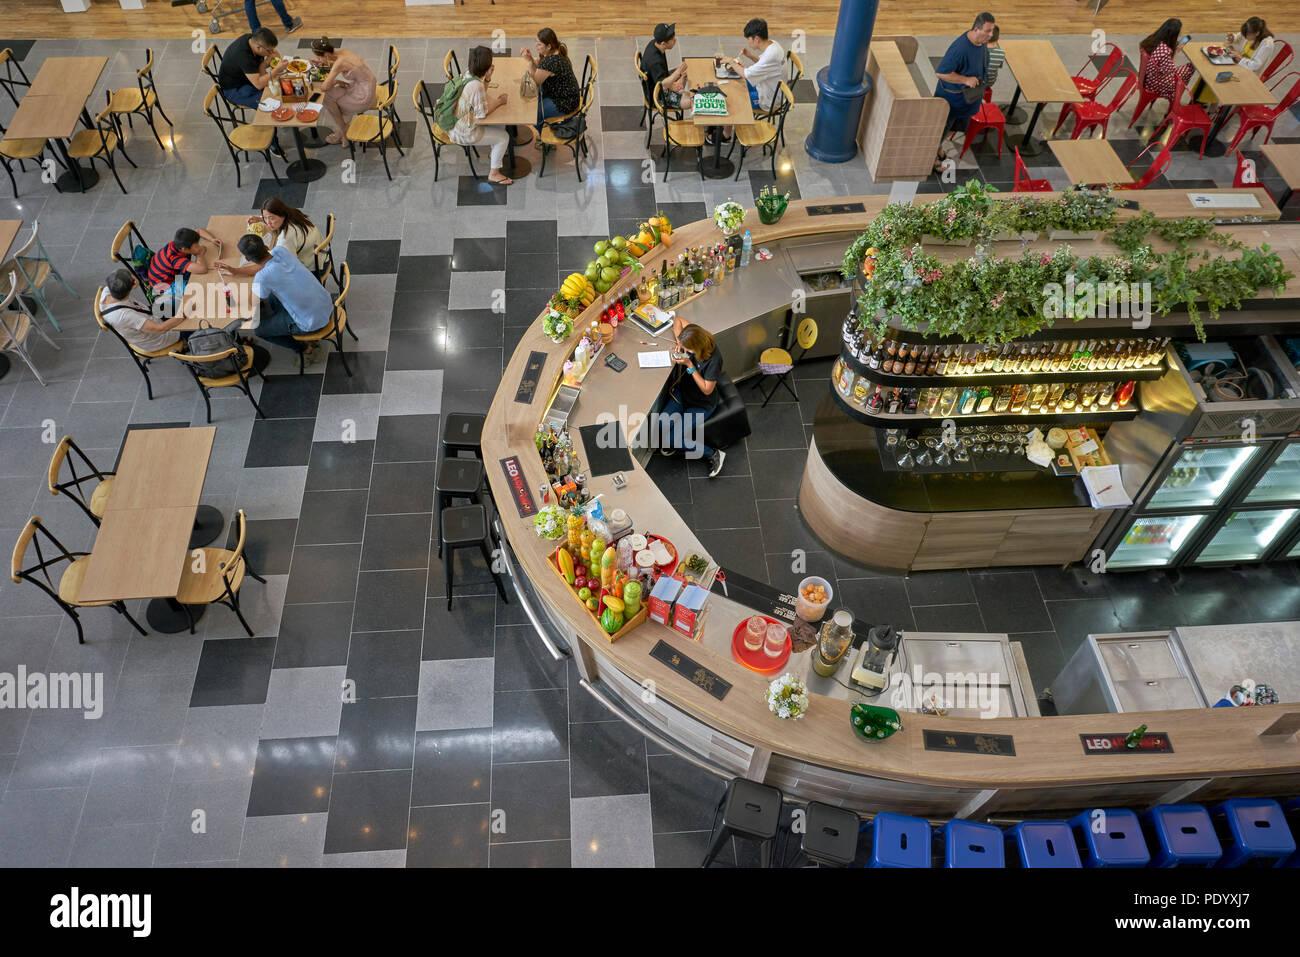 Vista aérea de la zona de restaurante en un centro comercial de Tailandia. Los comensales desde arriba. El sudeste de Asia. Imagen De Stock